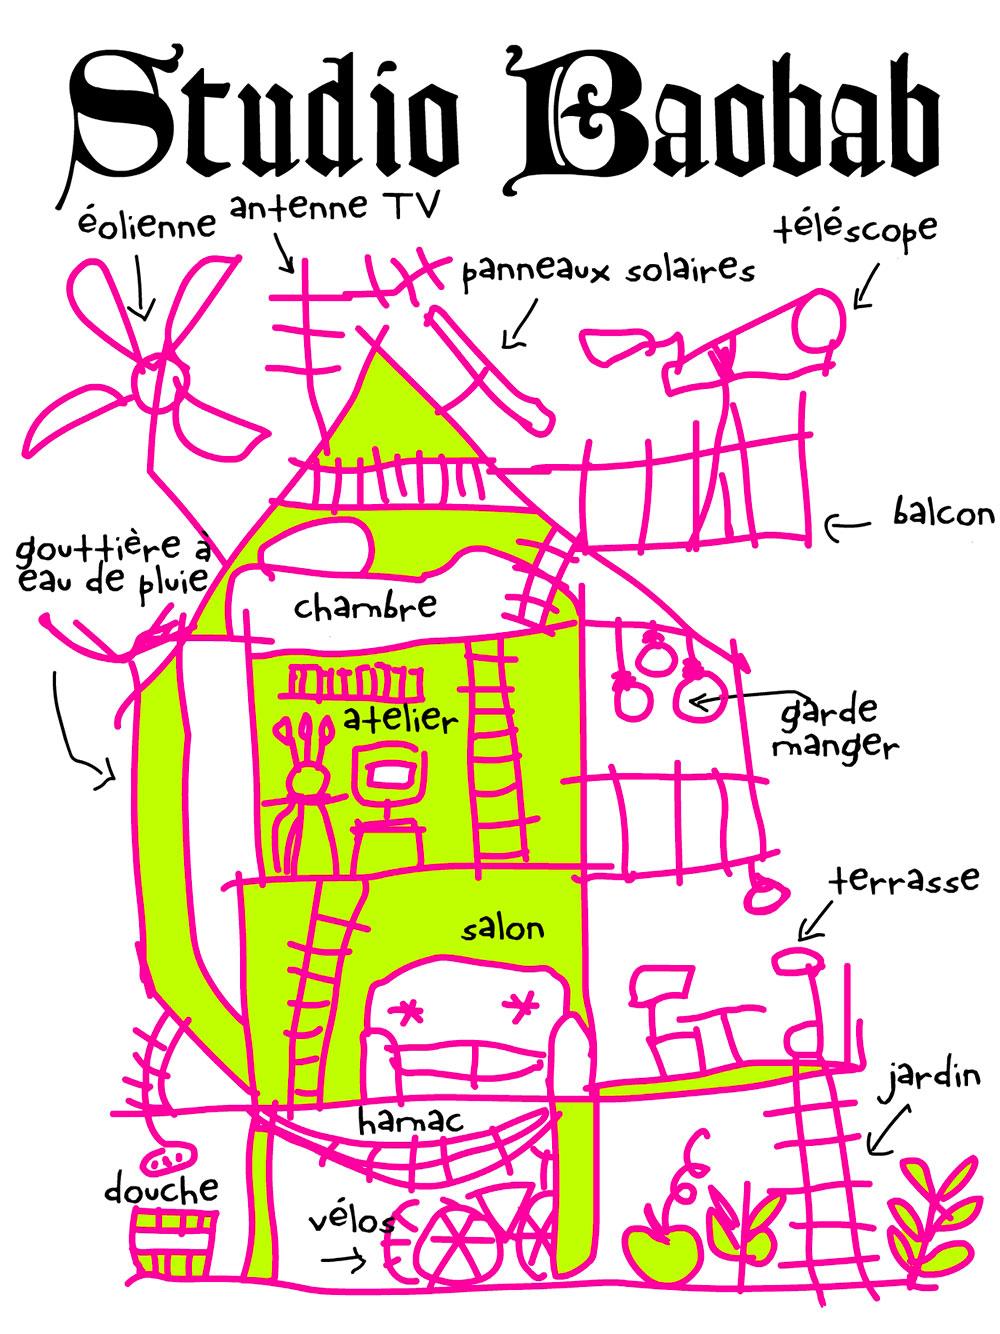 Mon studio idéal un salon, un atelier et une lit, une éolienne, un télescope et un sacré bazar